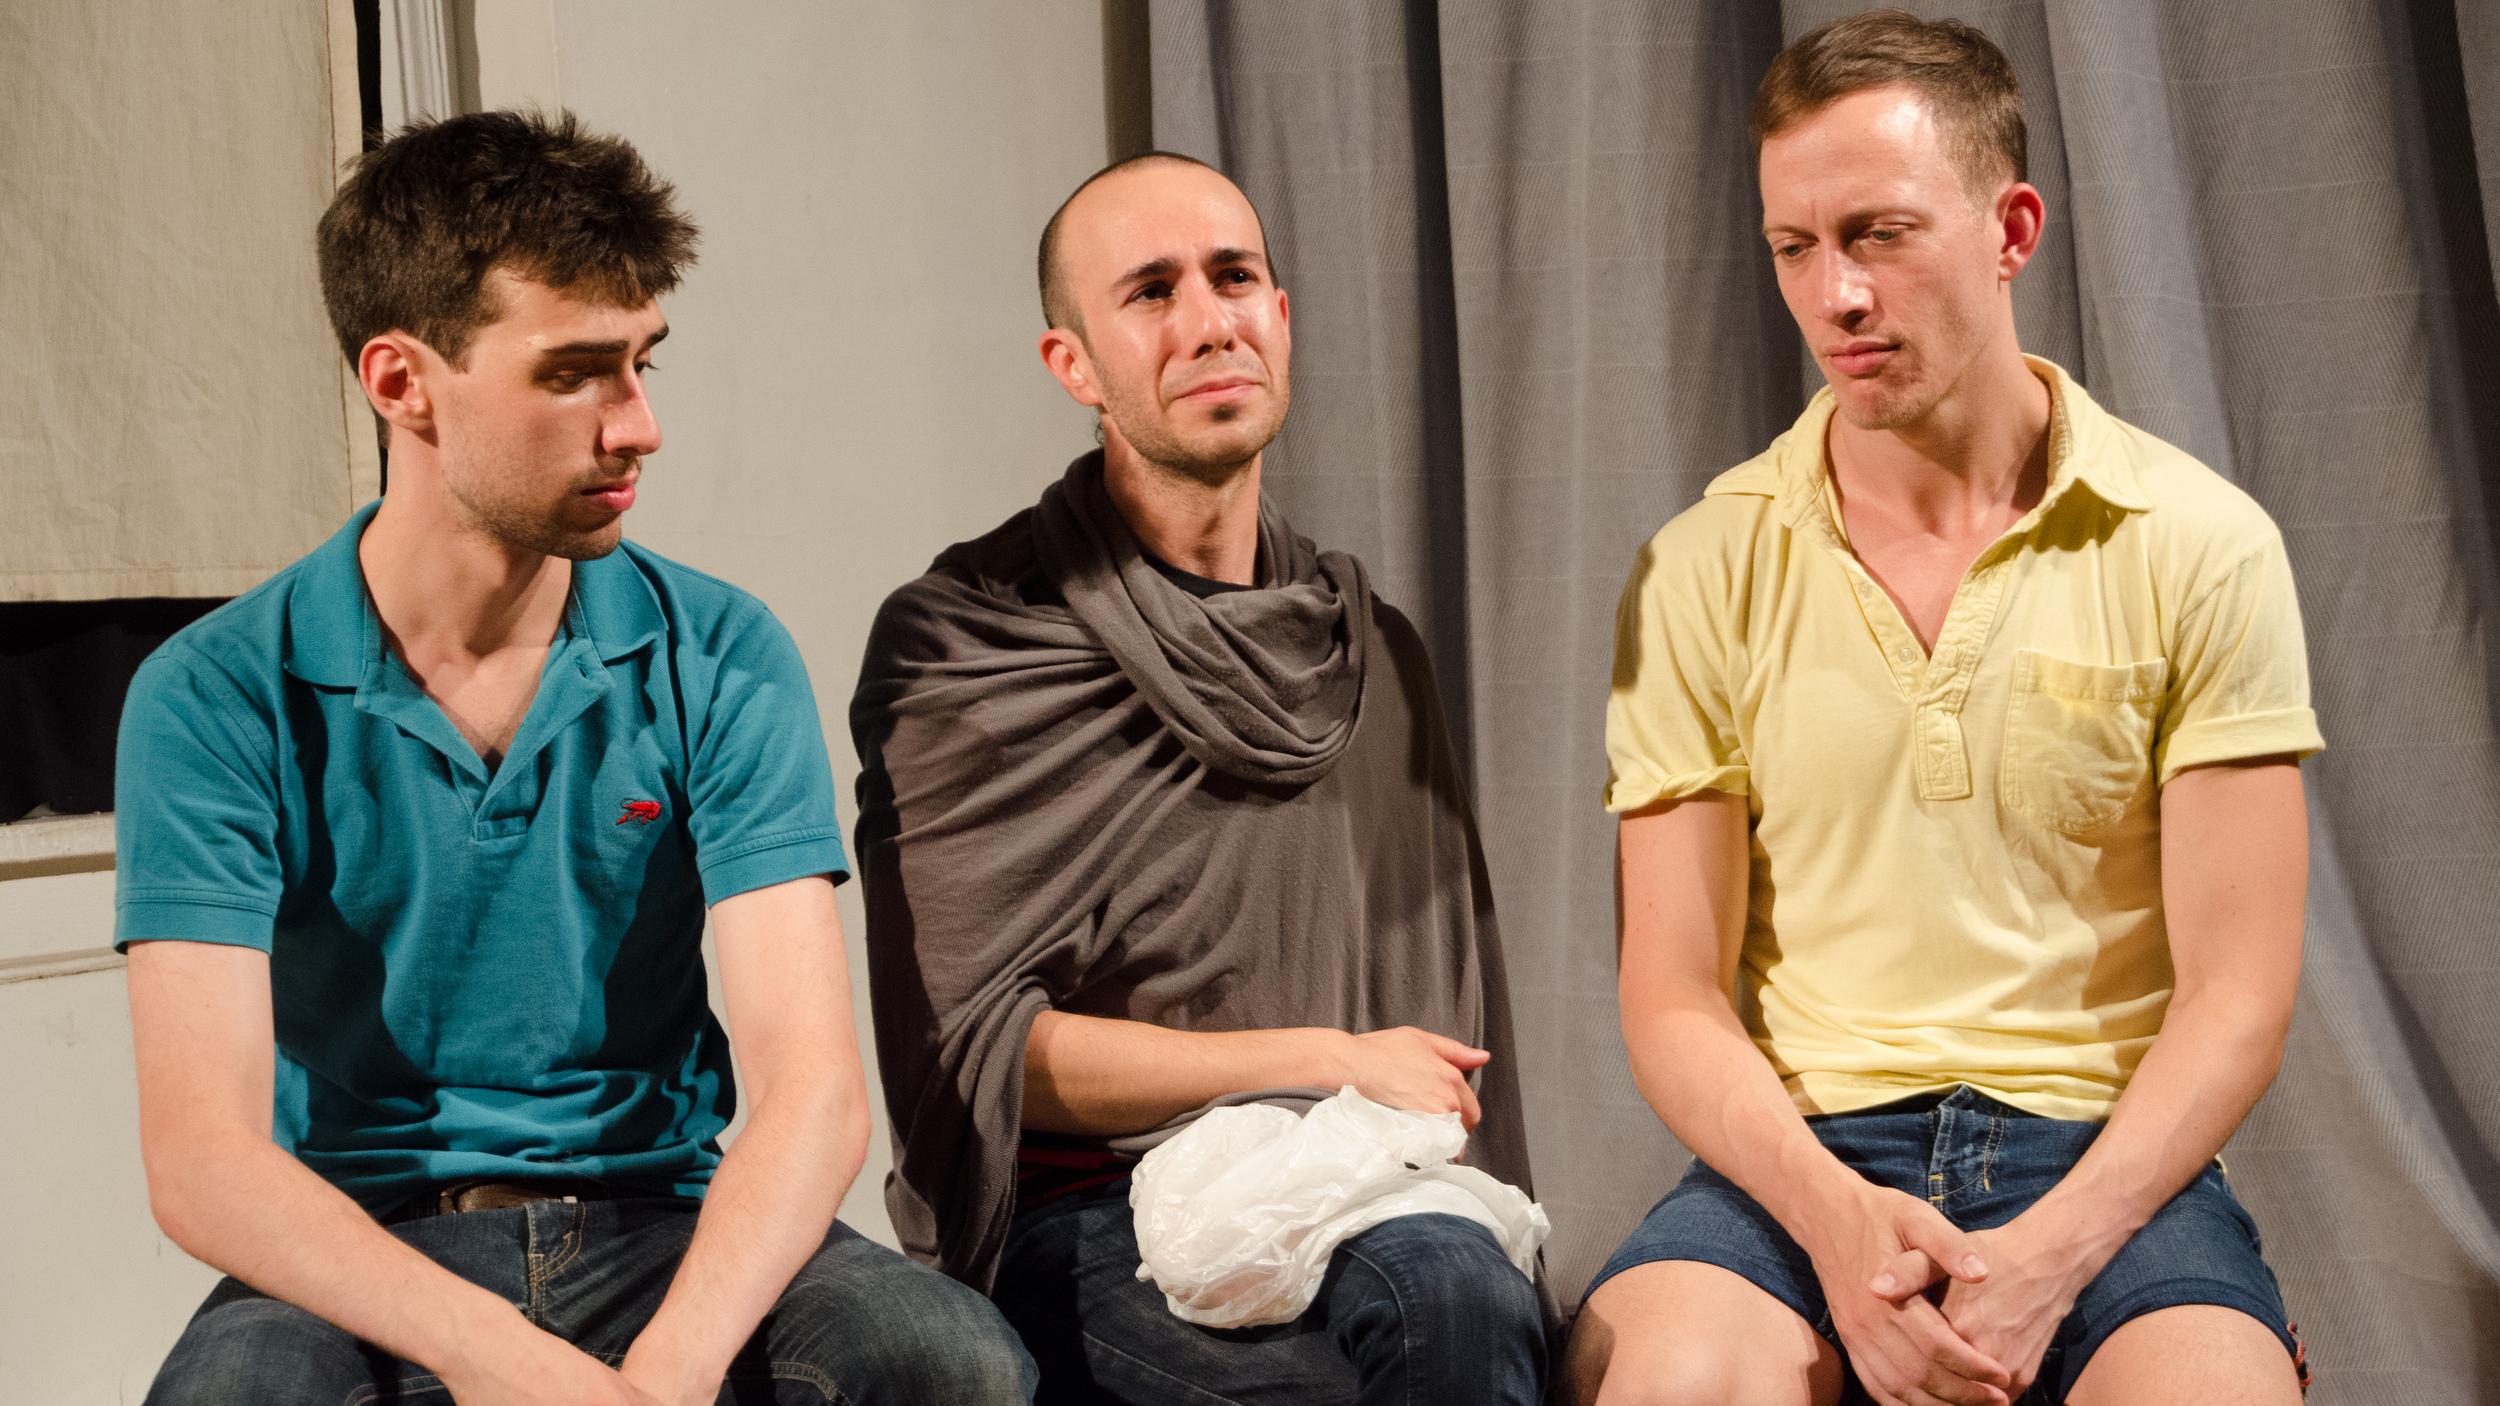 Glen Feinstein, Shawn Shafner and Justin Henry  THE RETURN